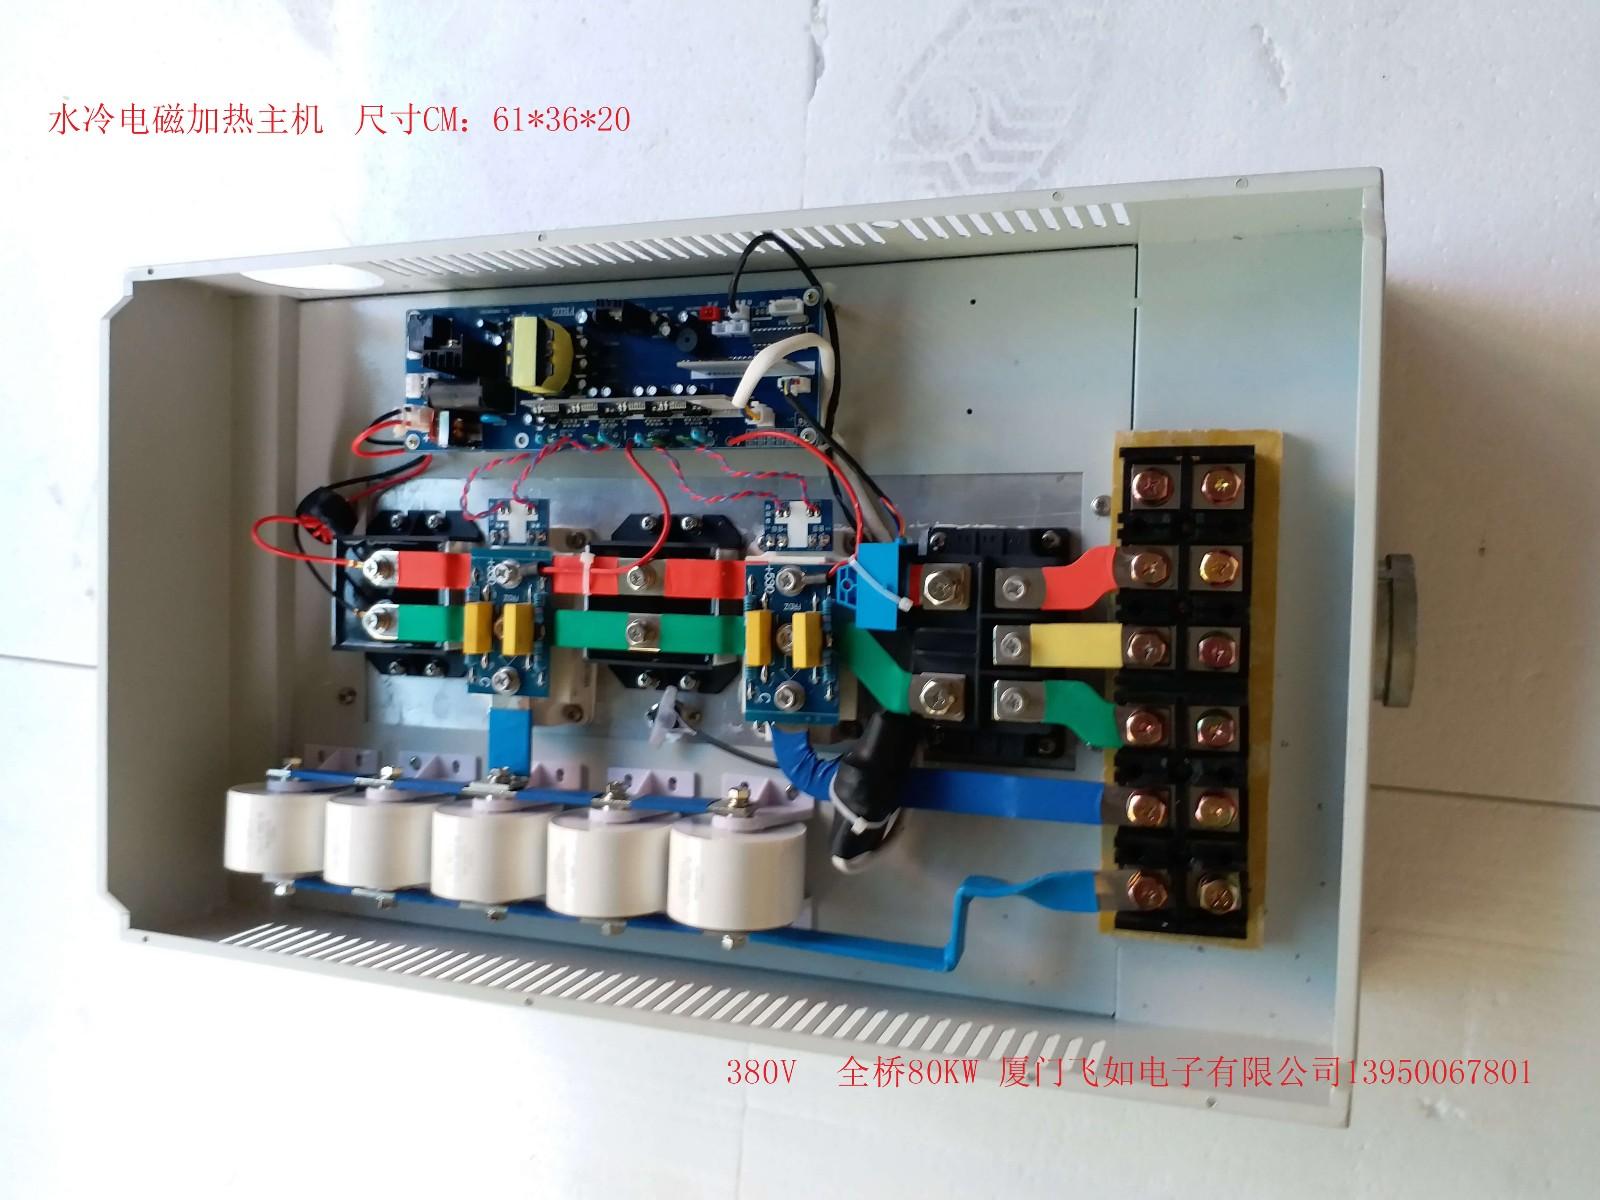 電磁加熱水冷主機80KW